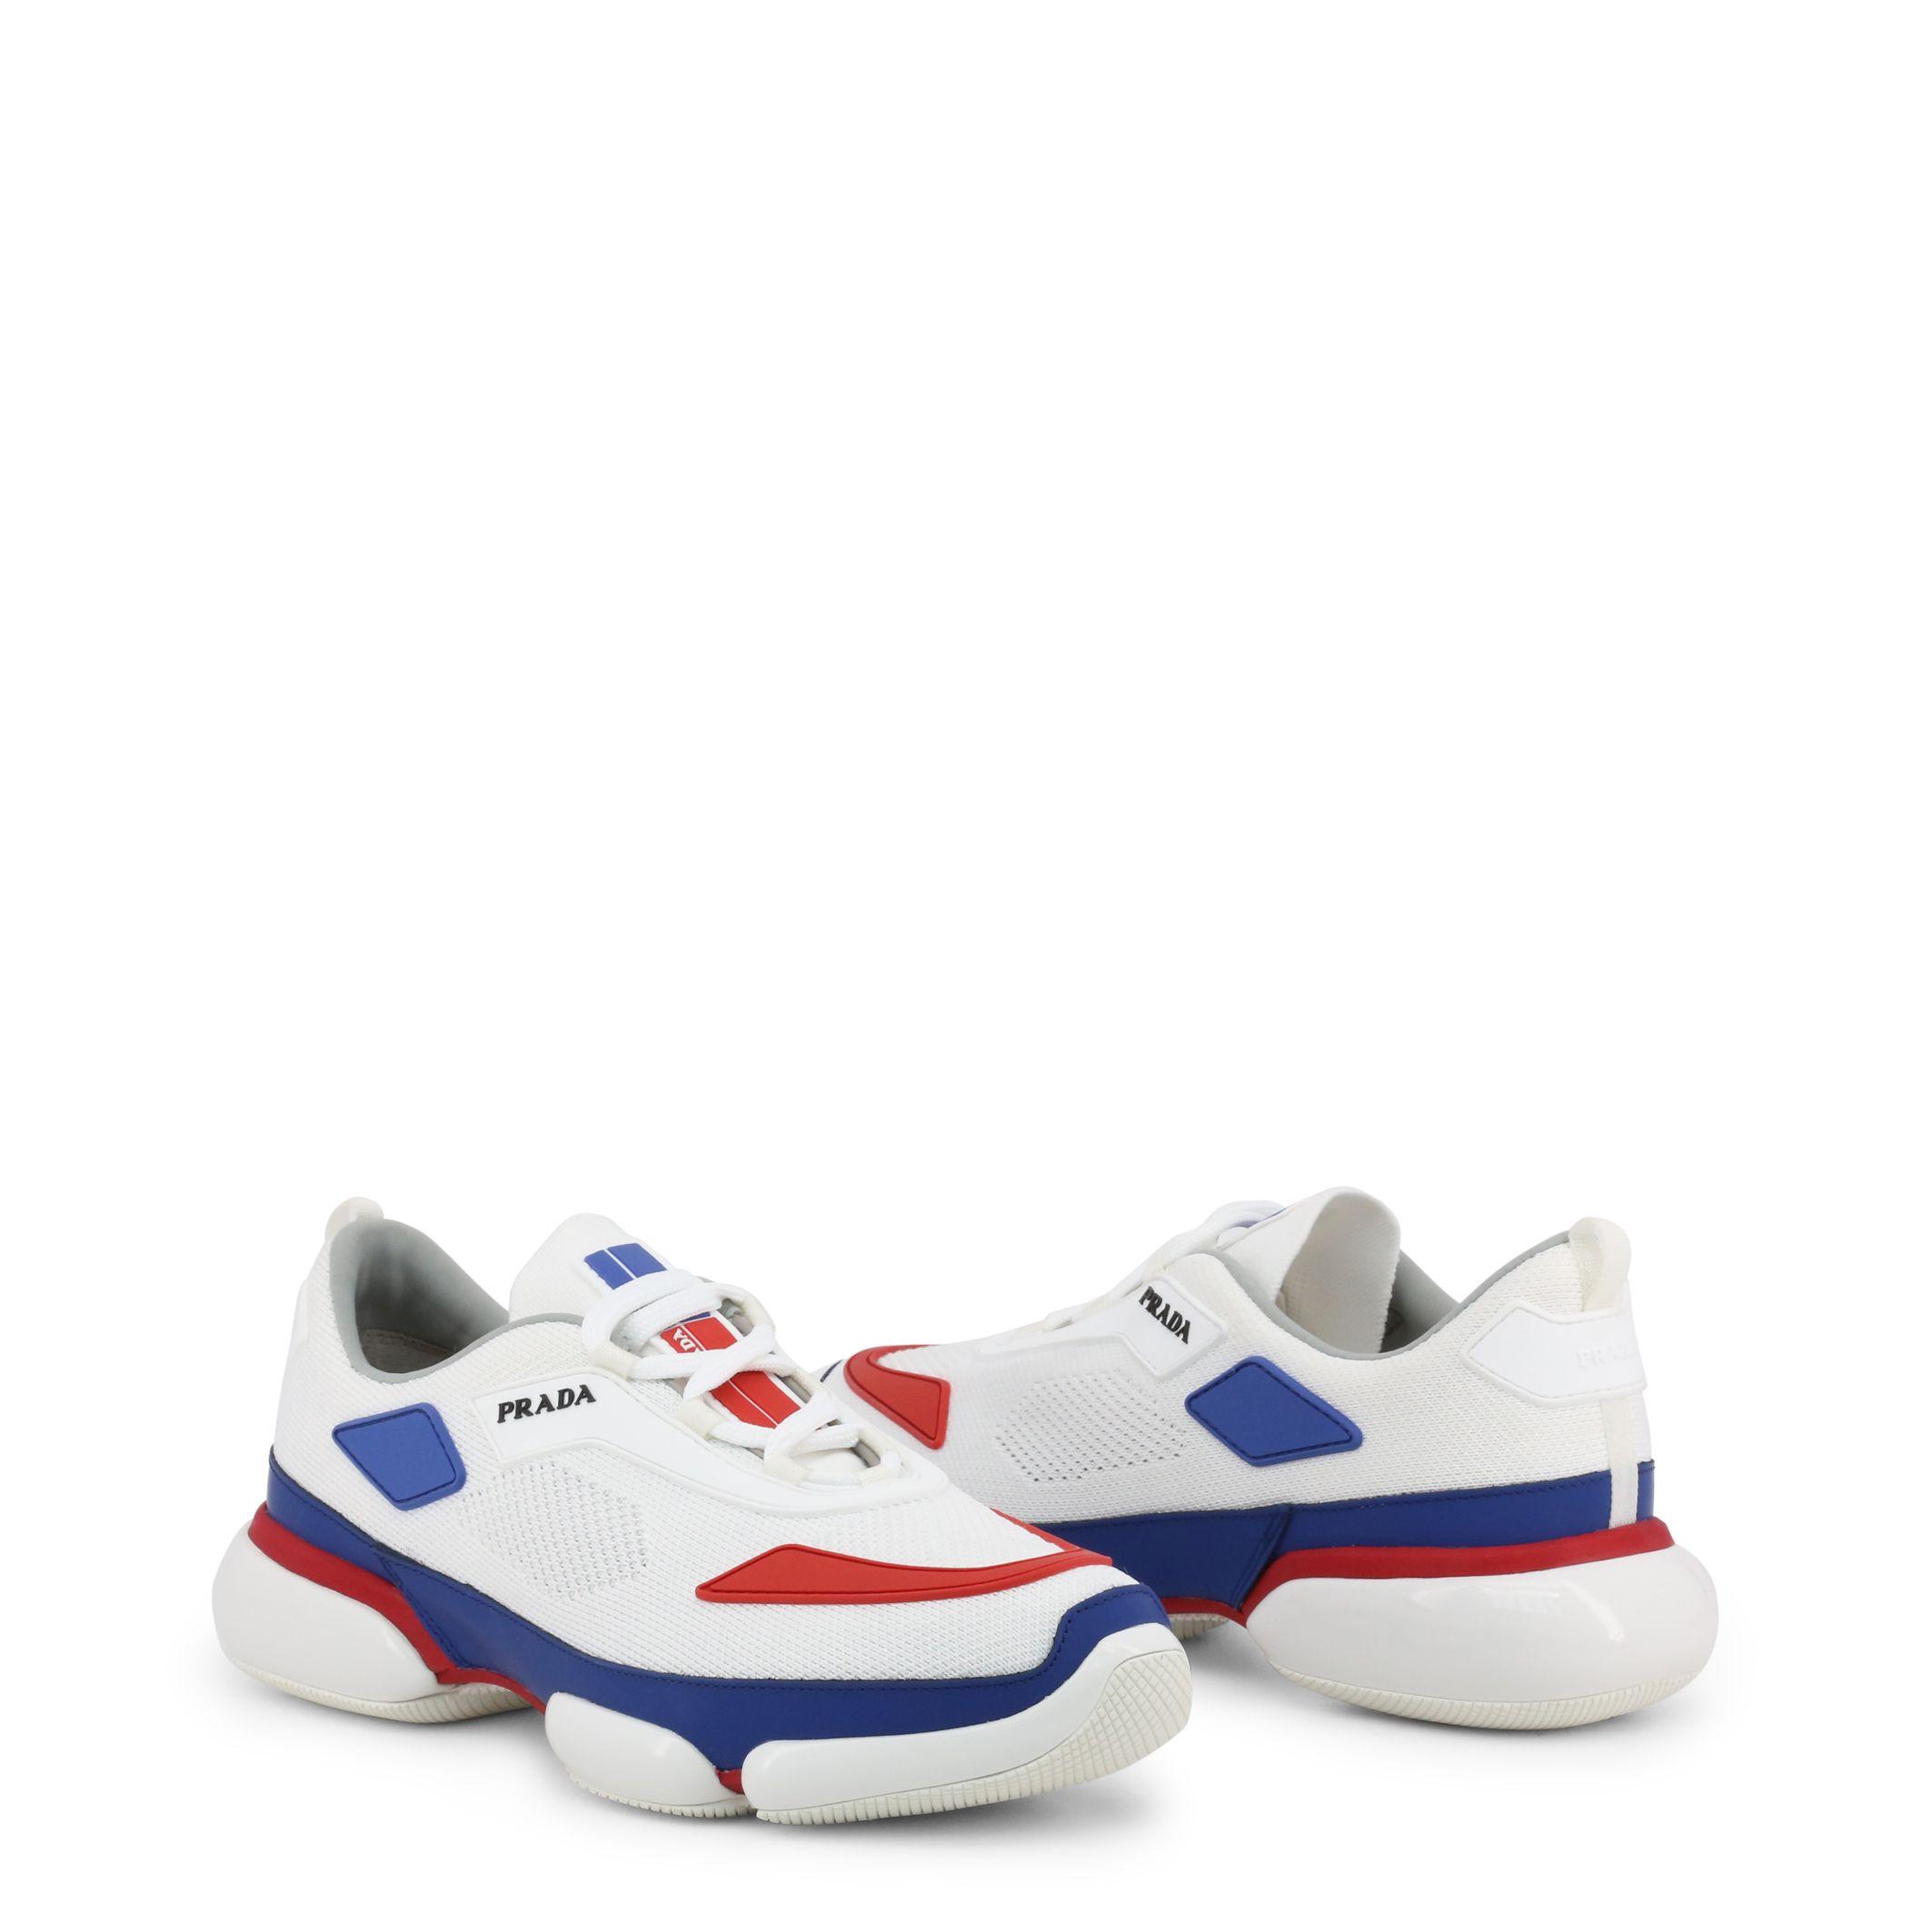 Prada Mens Sneakers